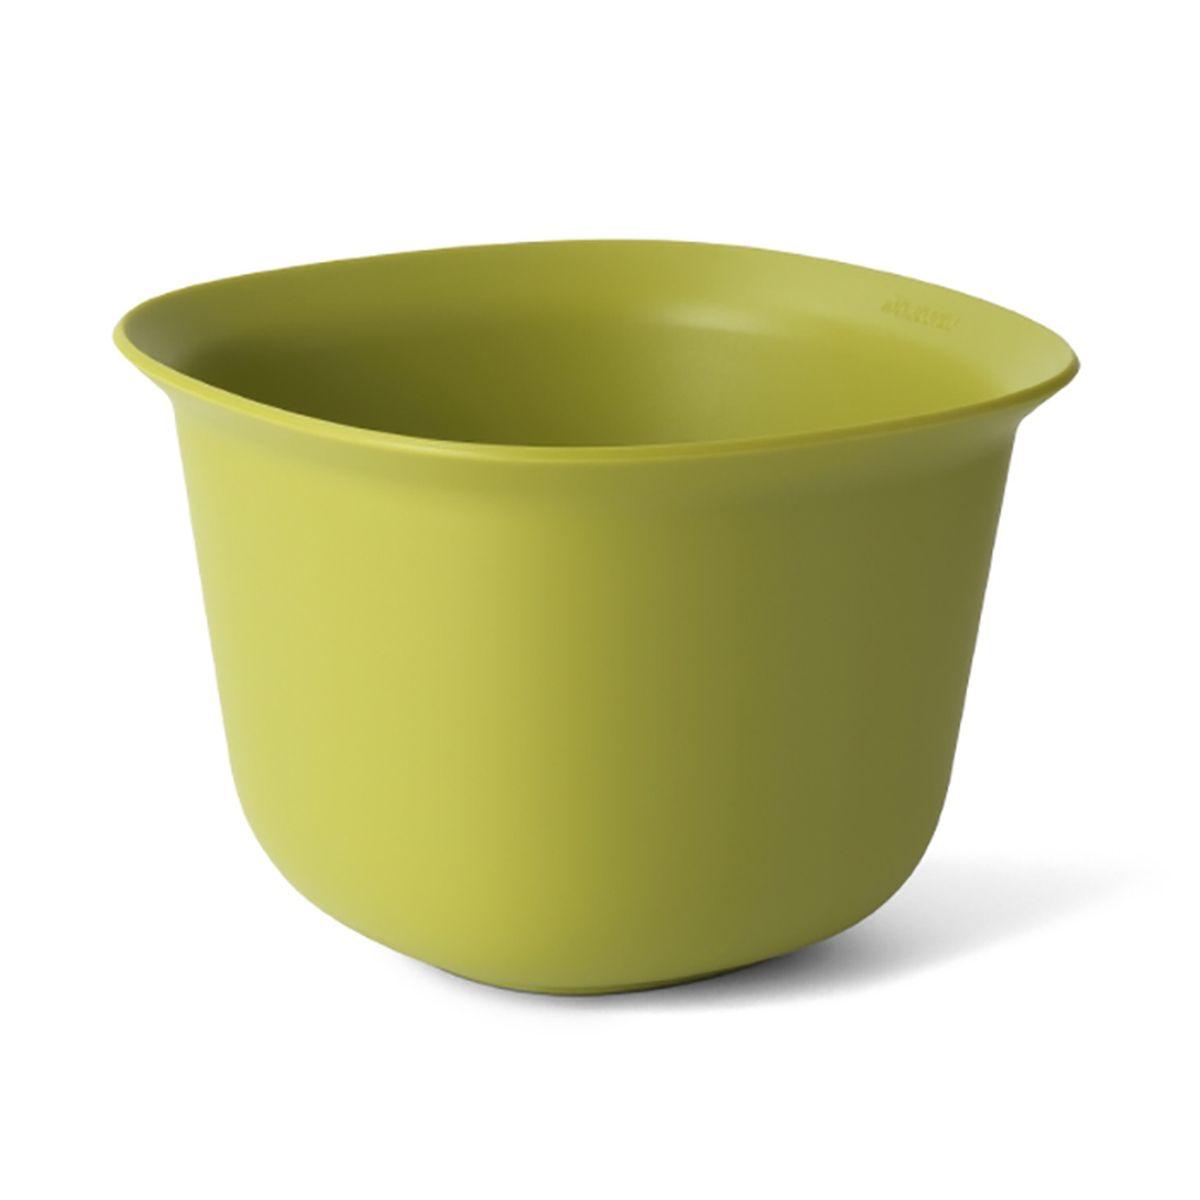 Салатник Brabantia Tasty Colours 1,5л110009Миска средней вместимости идеально подходит для приготовления соусов, заправок и небольших салатов. Экономия места на кухне – изделия составляются одно в другое; Легко моется – можно мыть в посудомоечной машине; Специальная форма краев позволяет удобно и аккуратно наливать жидкие ингредиенты; Отличная устойчивость – нескользящее основание; Гарантия 5 лет.